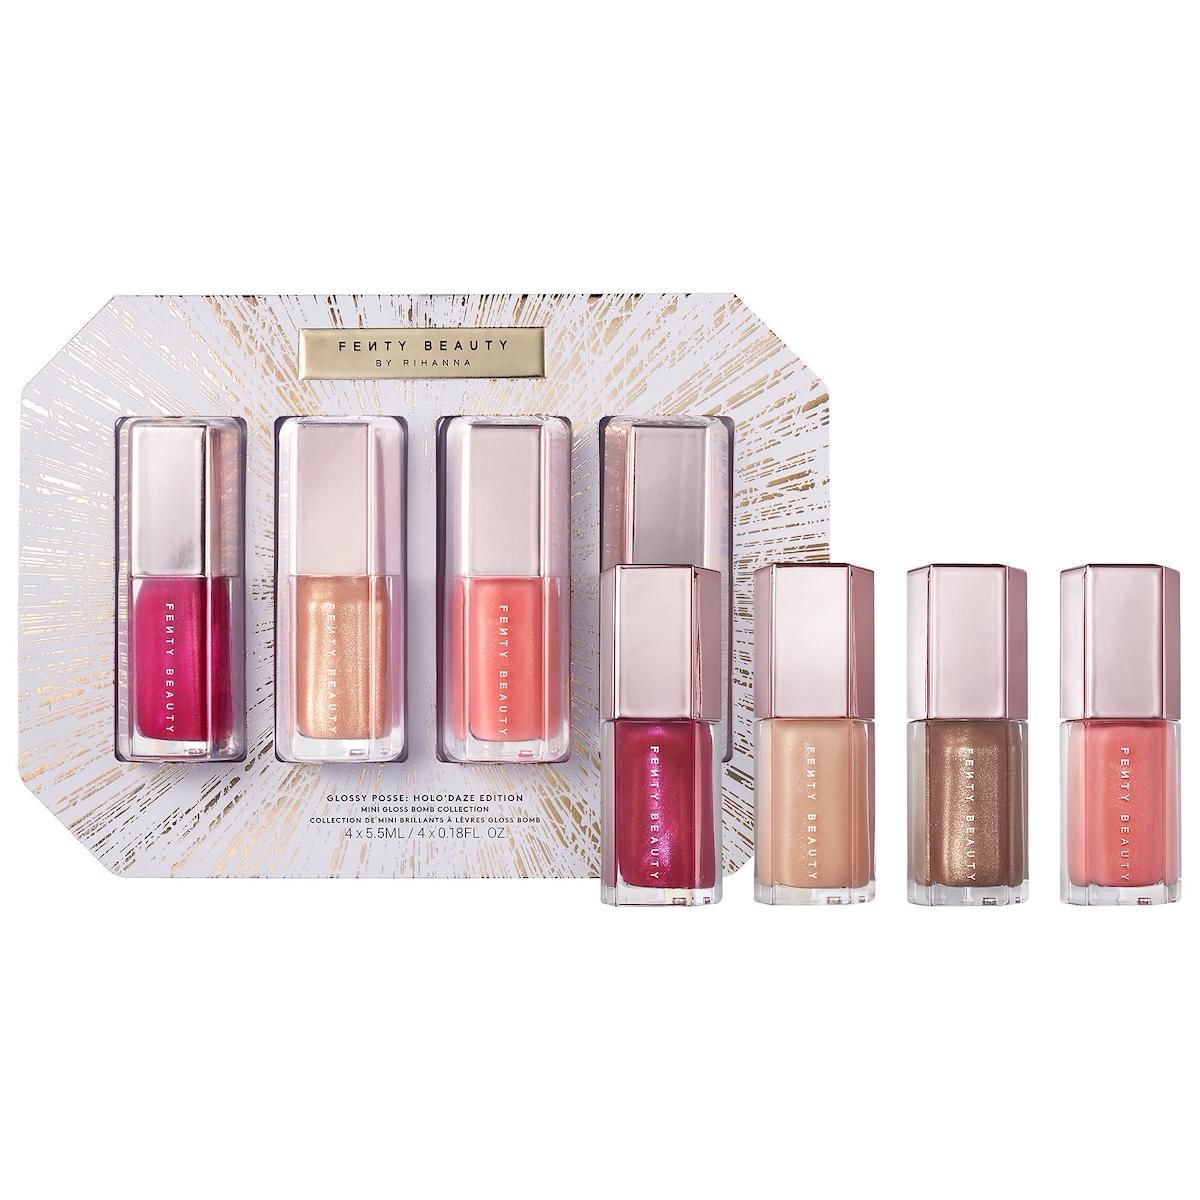 Fenty Beauty by Rihanna lip gloss